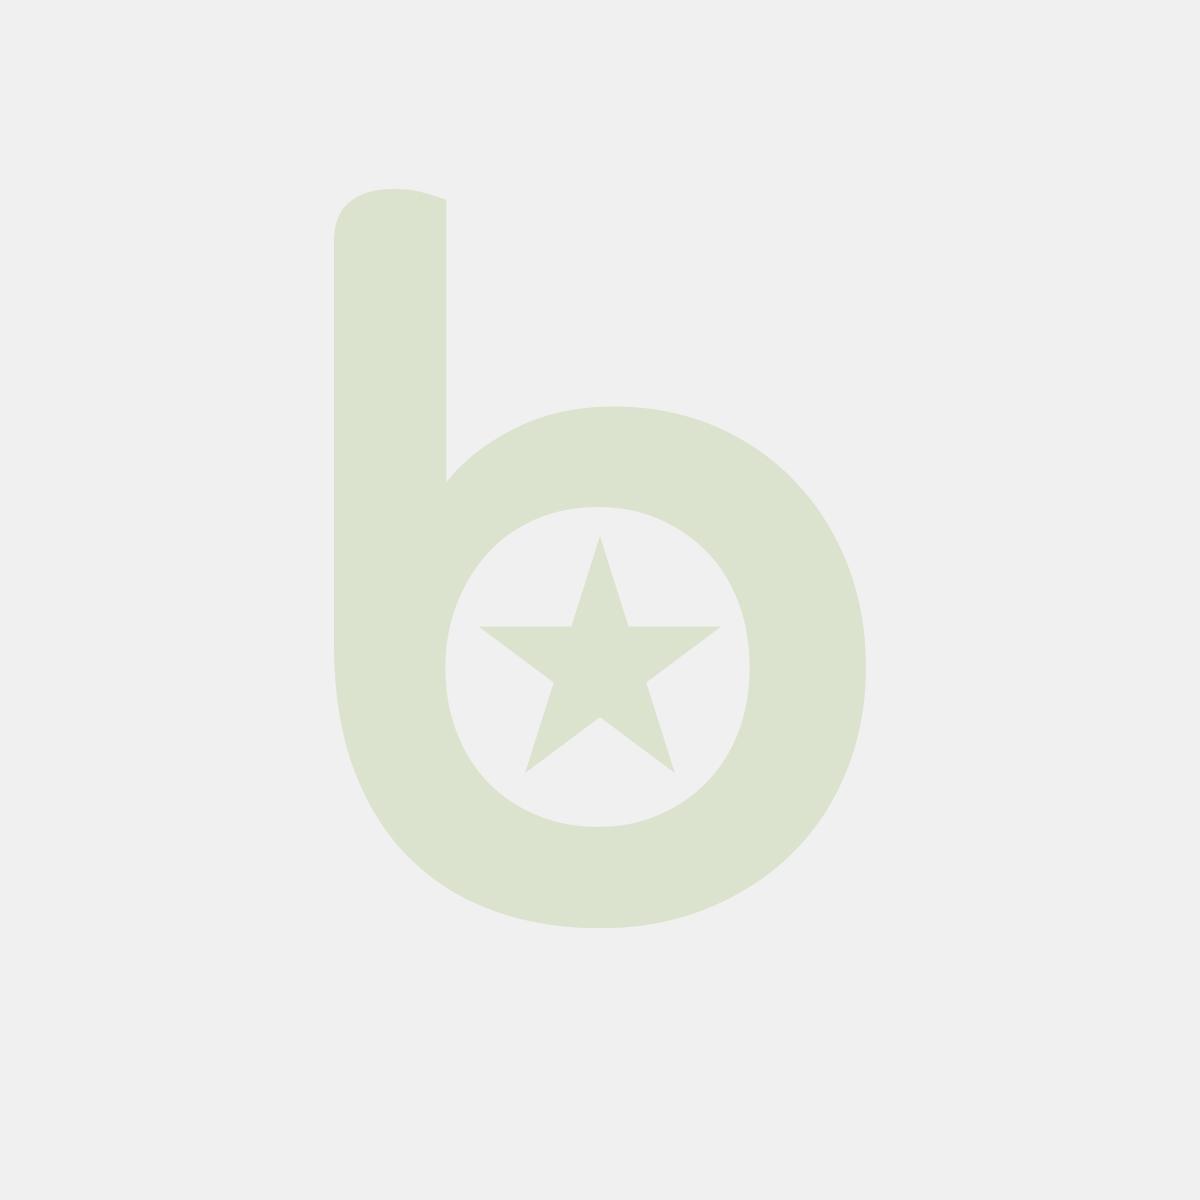 Rolki samokopiujące 57/25 (1+1) 10 sztuk EMERSON